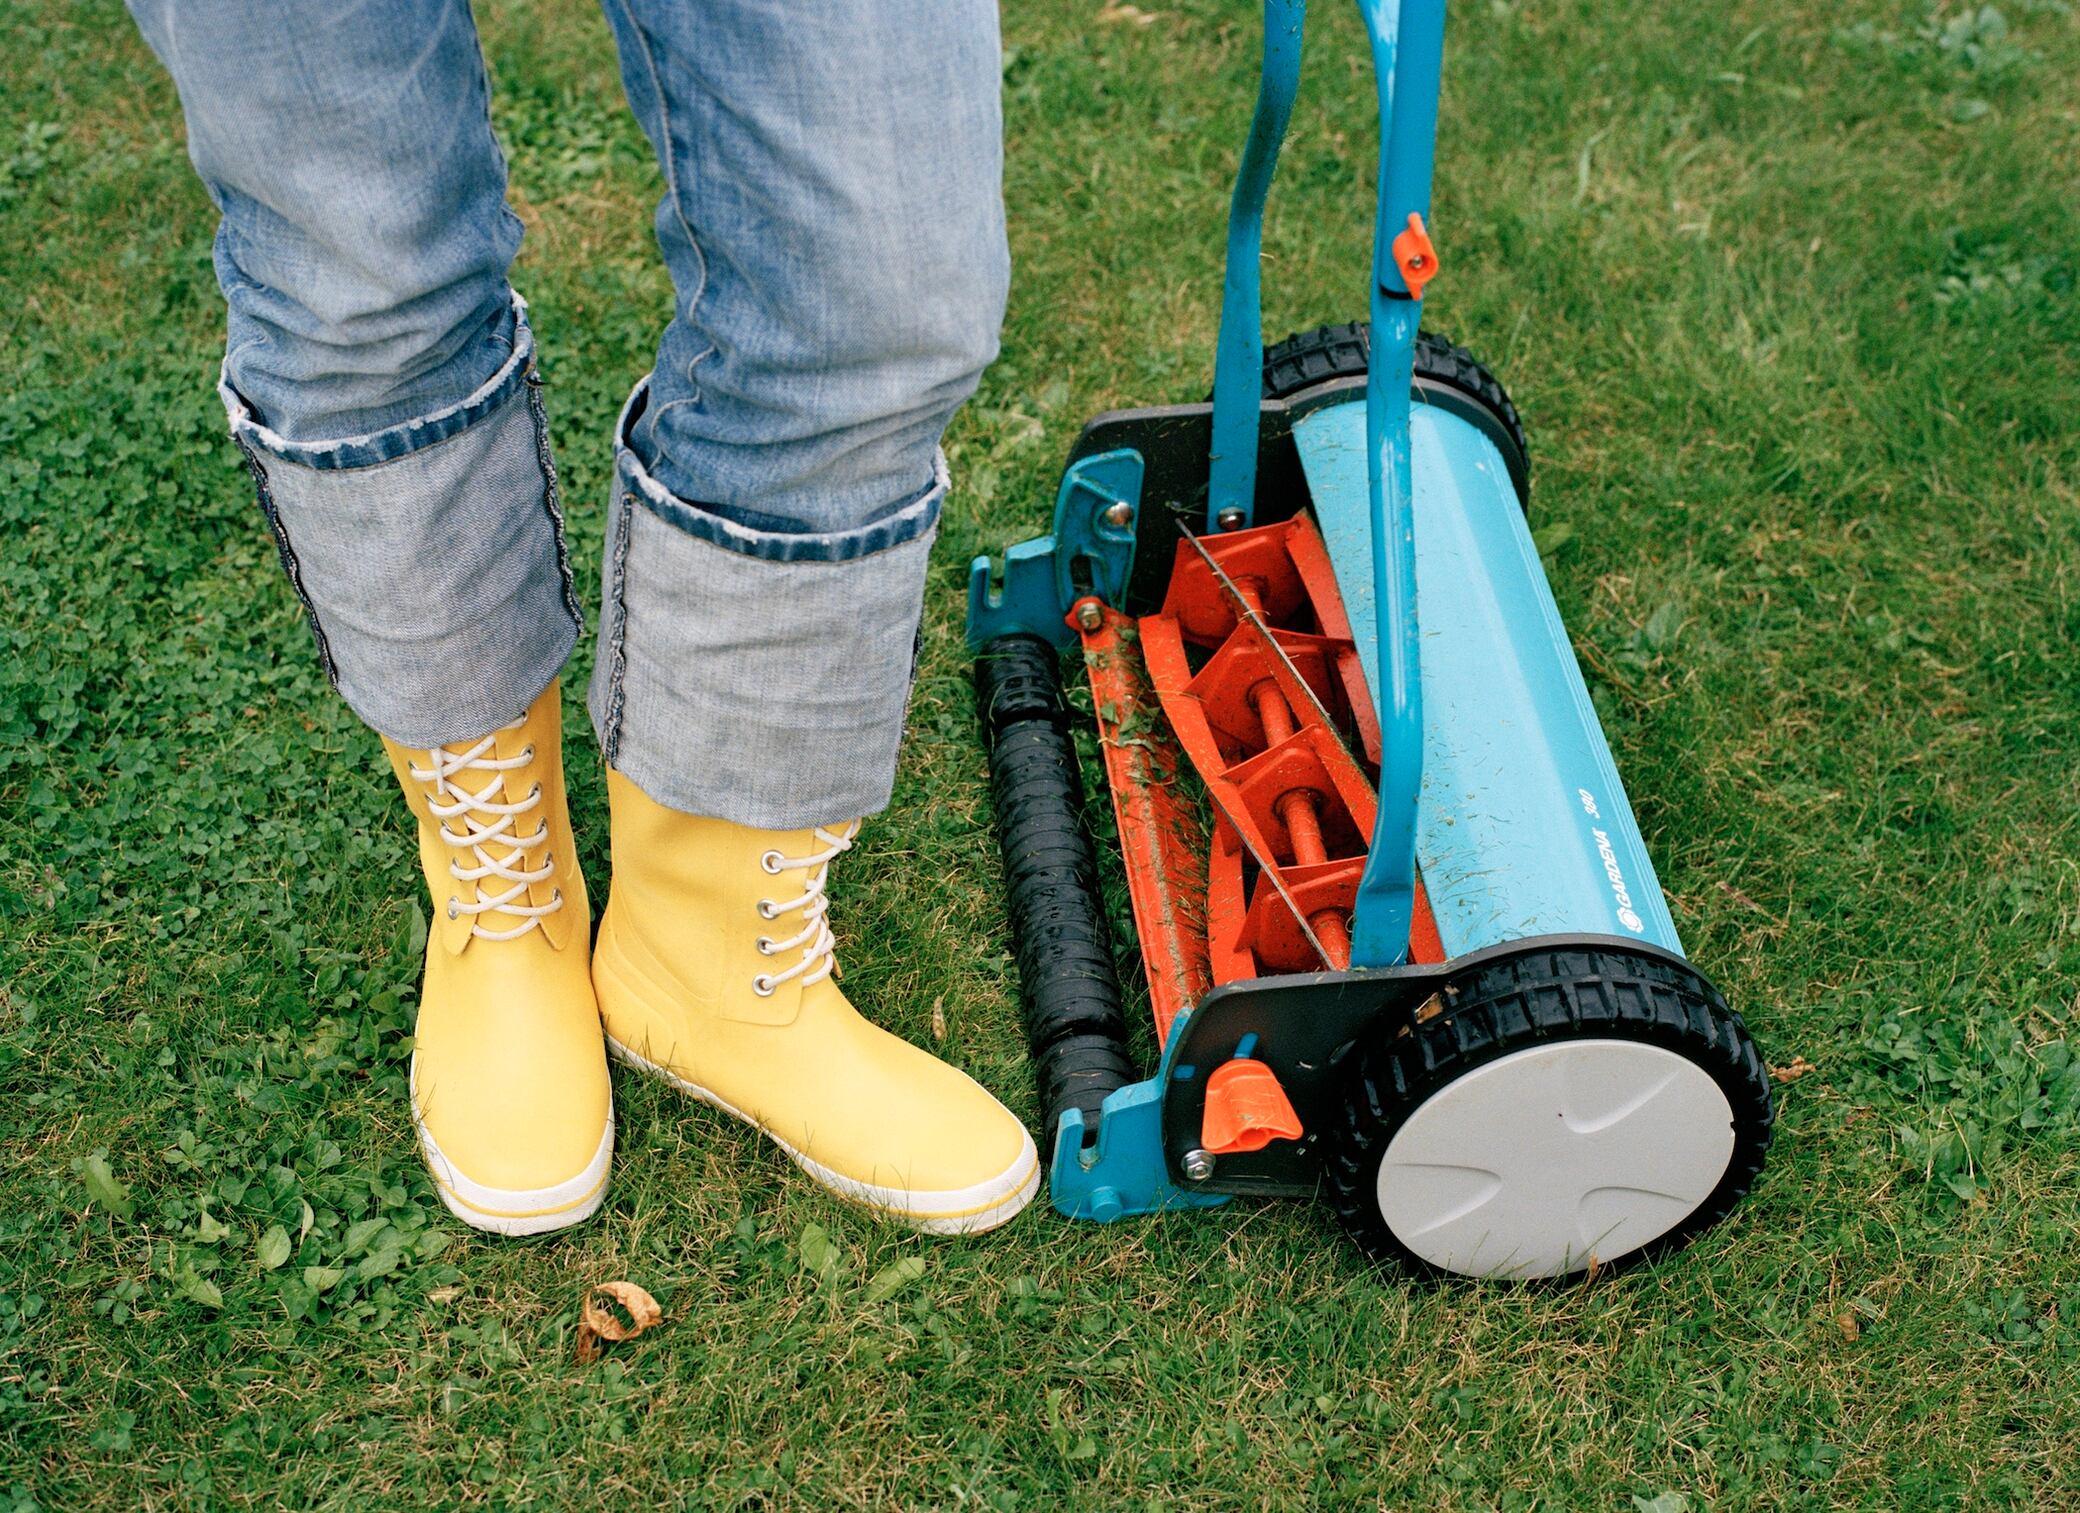 Diese Rasenmäher eignen sich für kleine Gärten